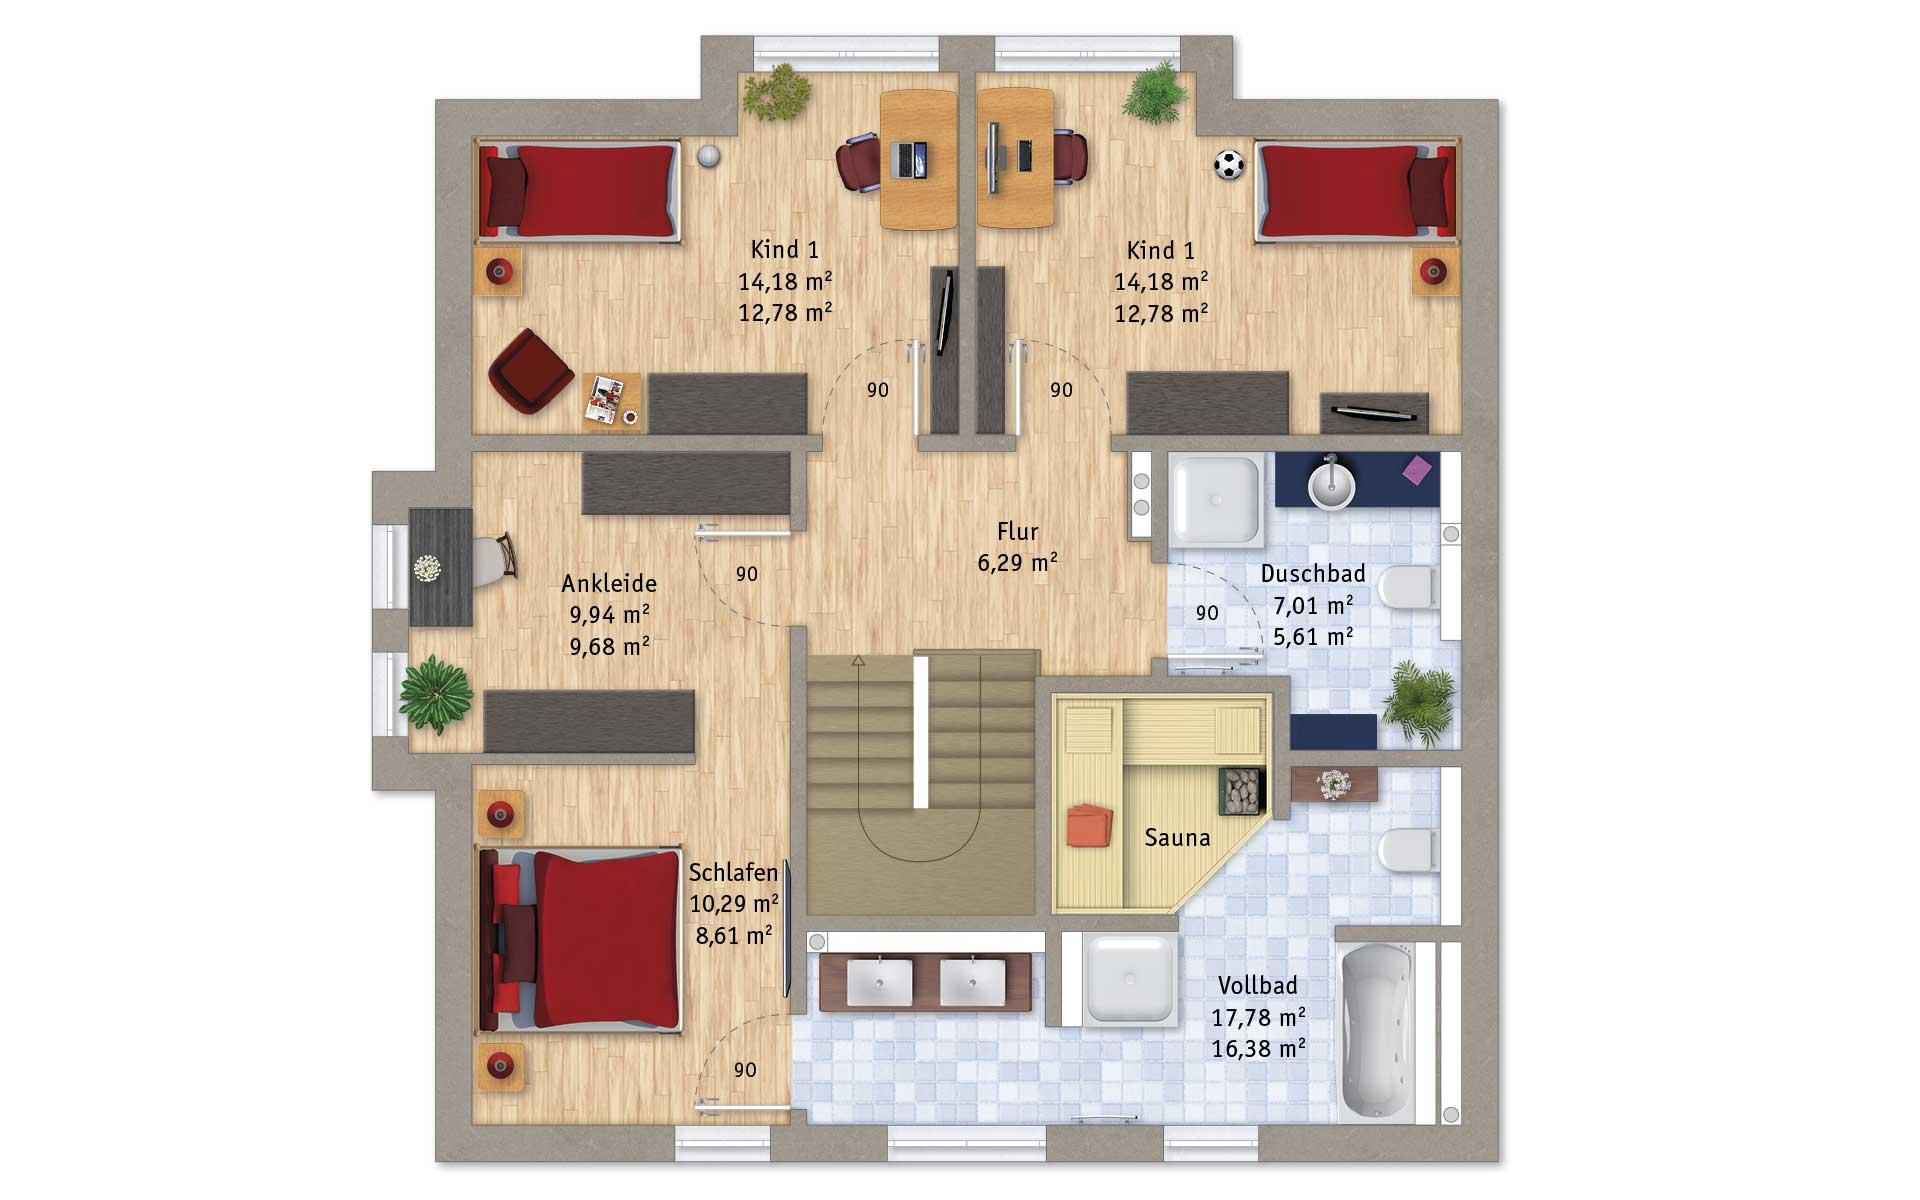 Dachgeschoss VarioFamily 166 von VarioSelf Lizenzgesellschaft mbH